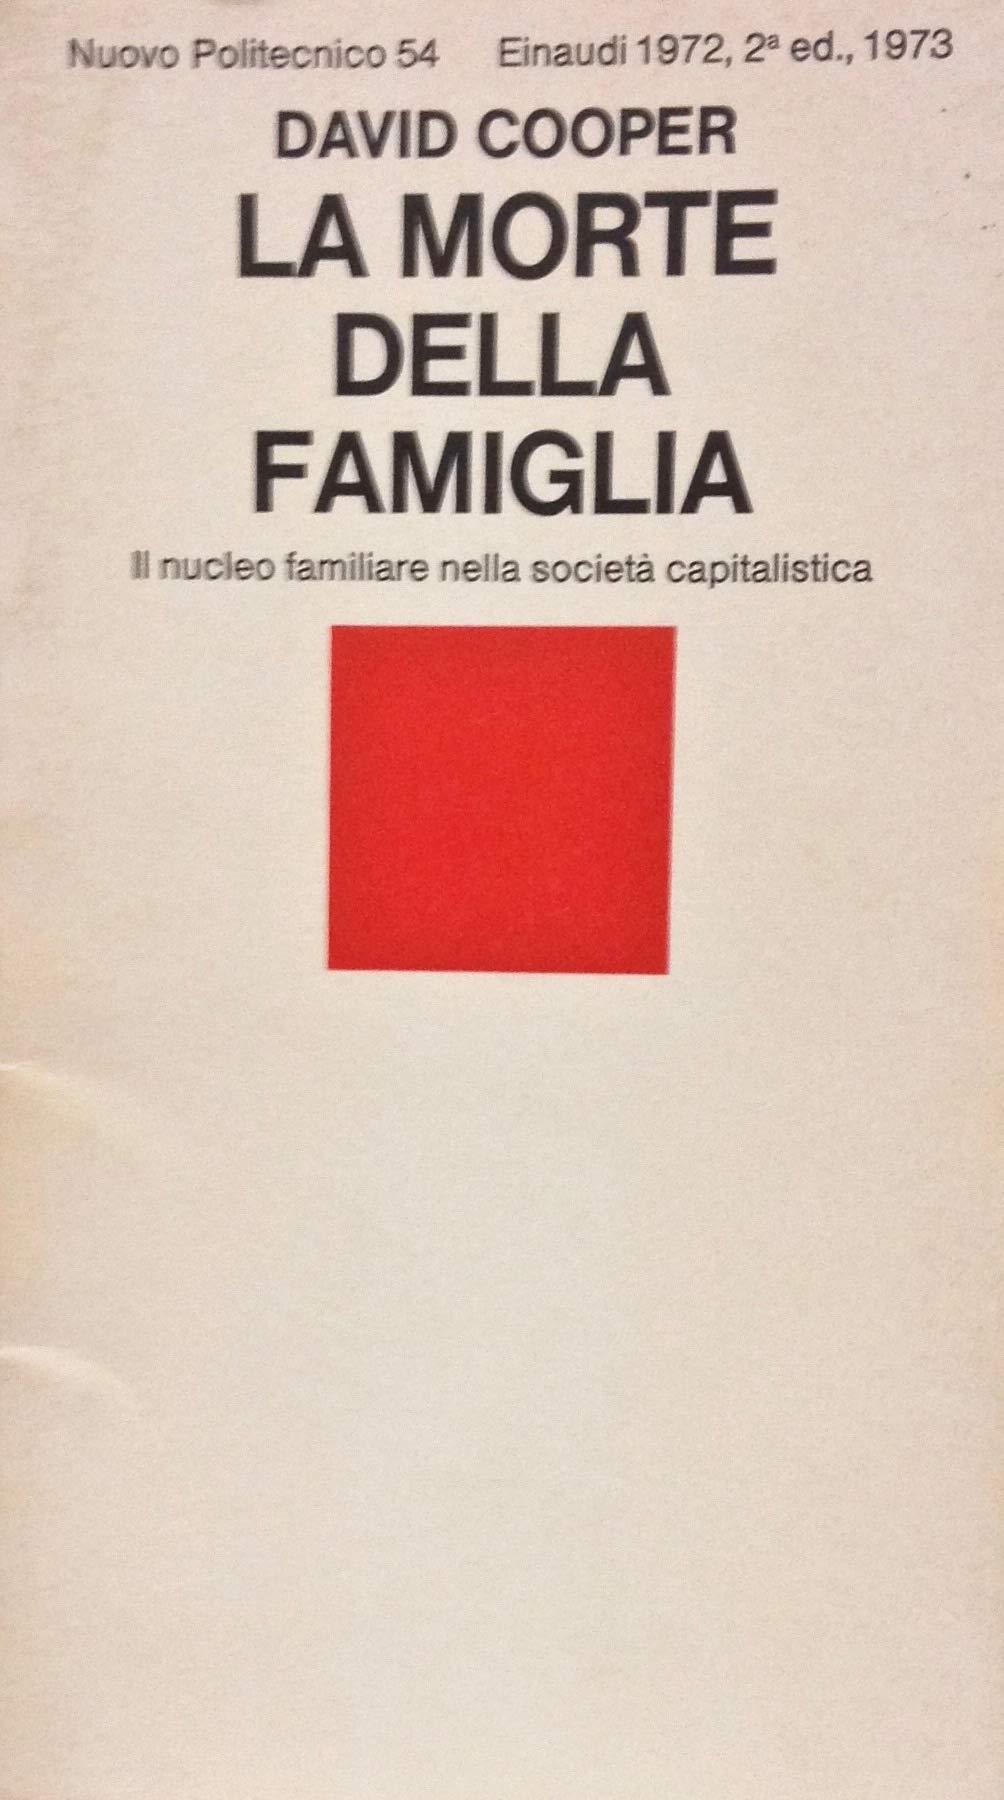 La morte della famiglia